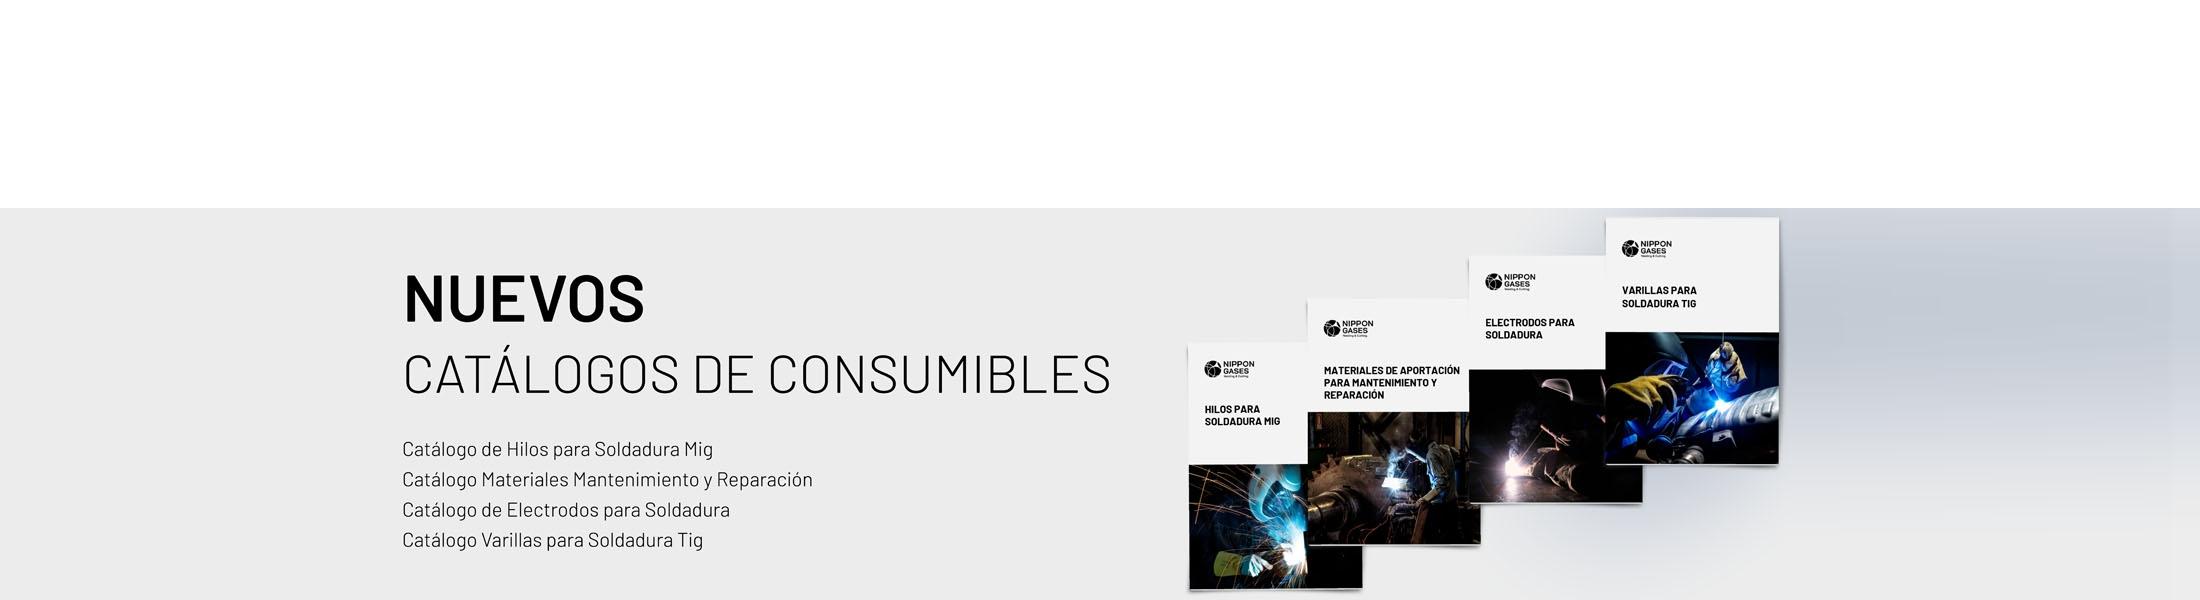 banner_catalogos_consumibles